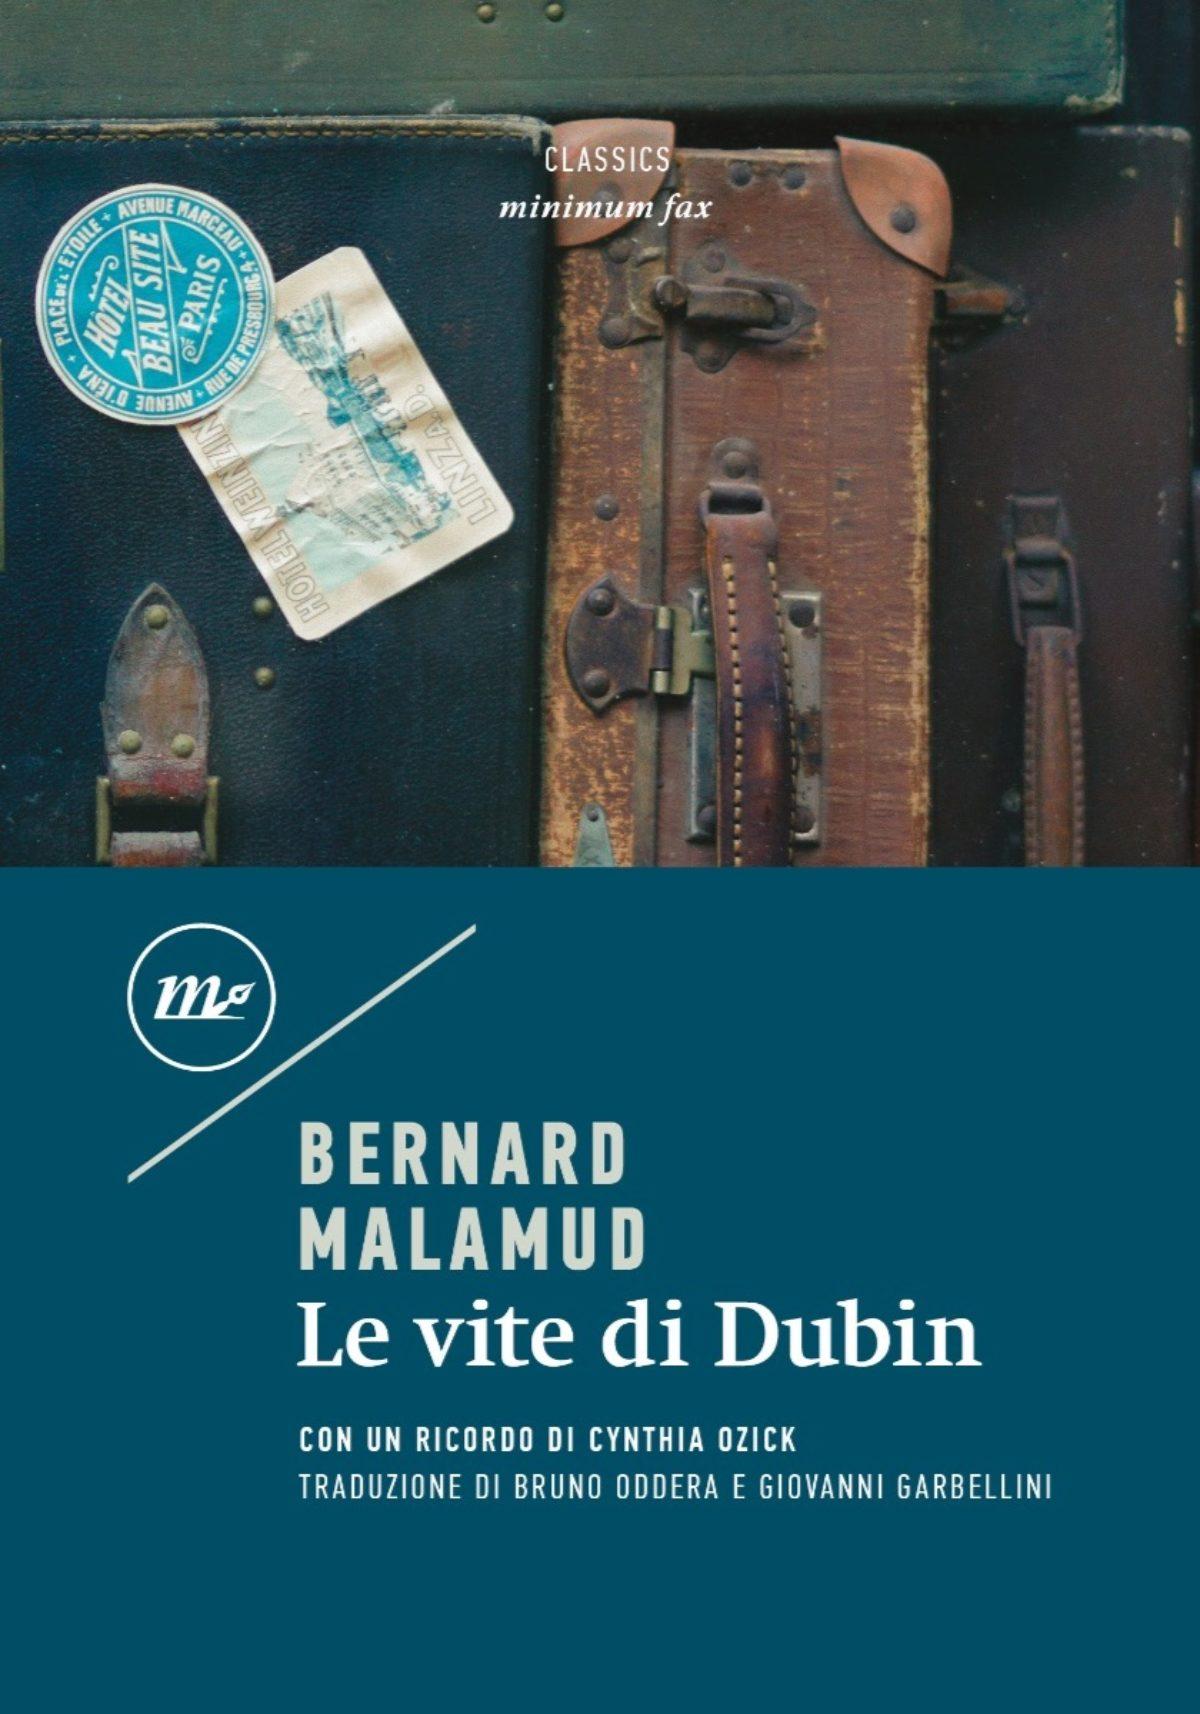 Bernard Malamud – Le Vite di Dubin